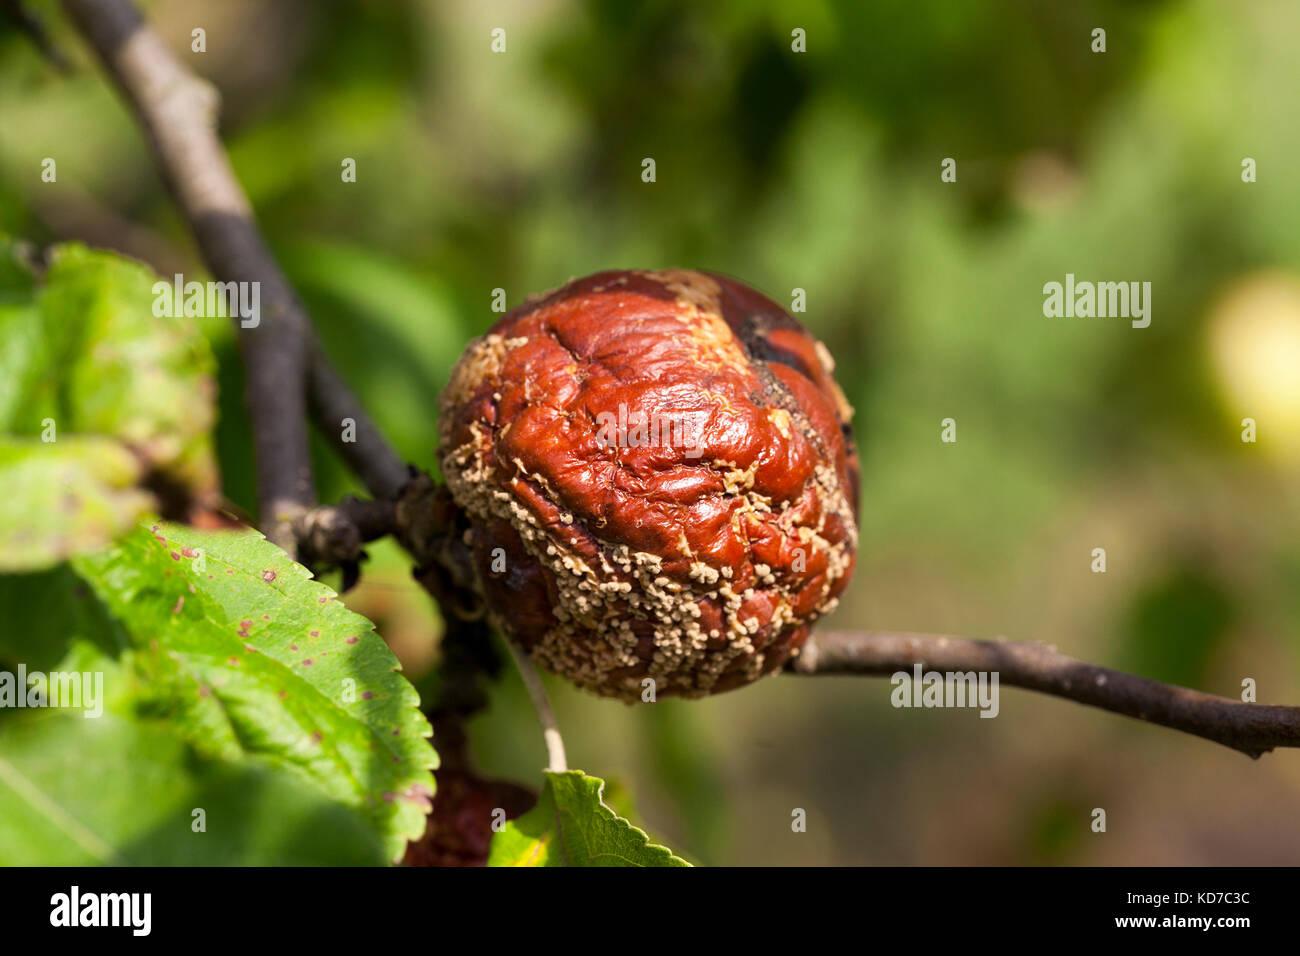 fruit garden harvest - Stock Image